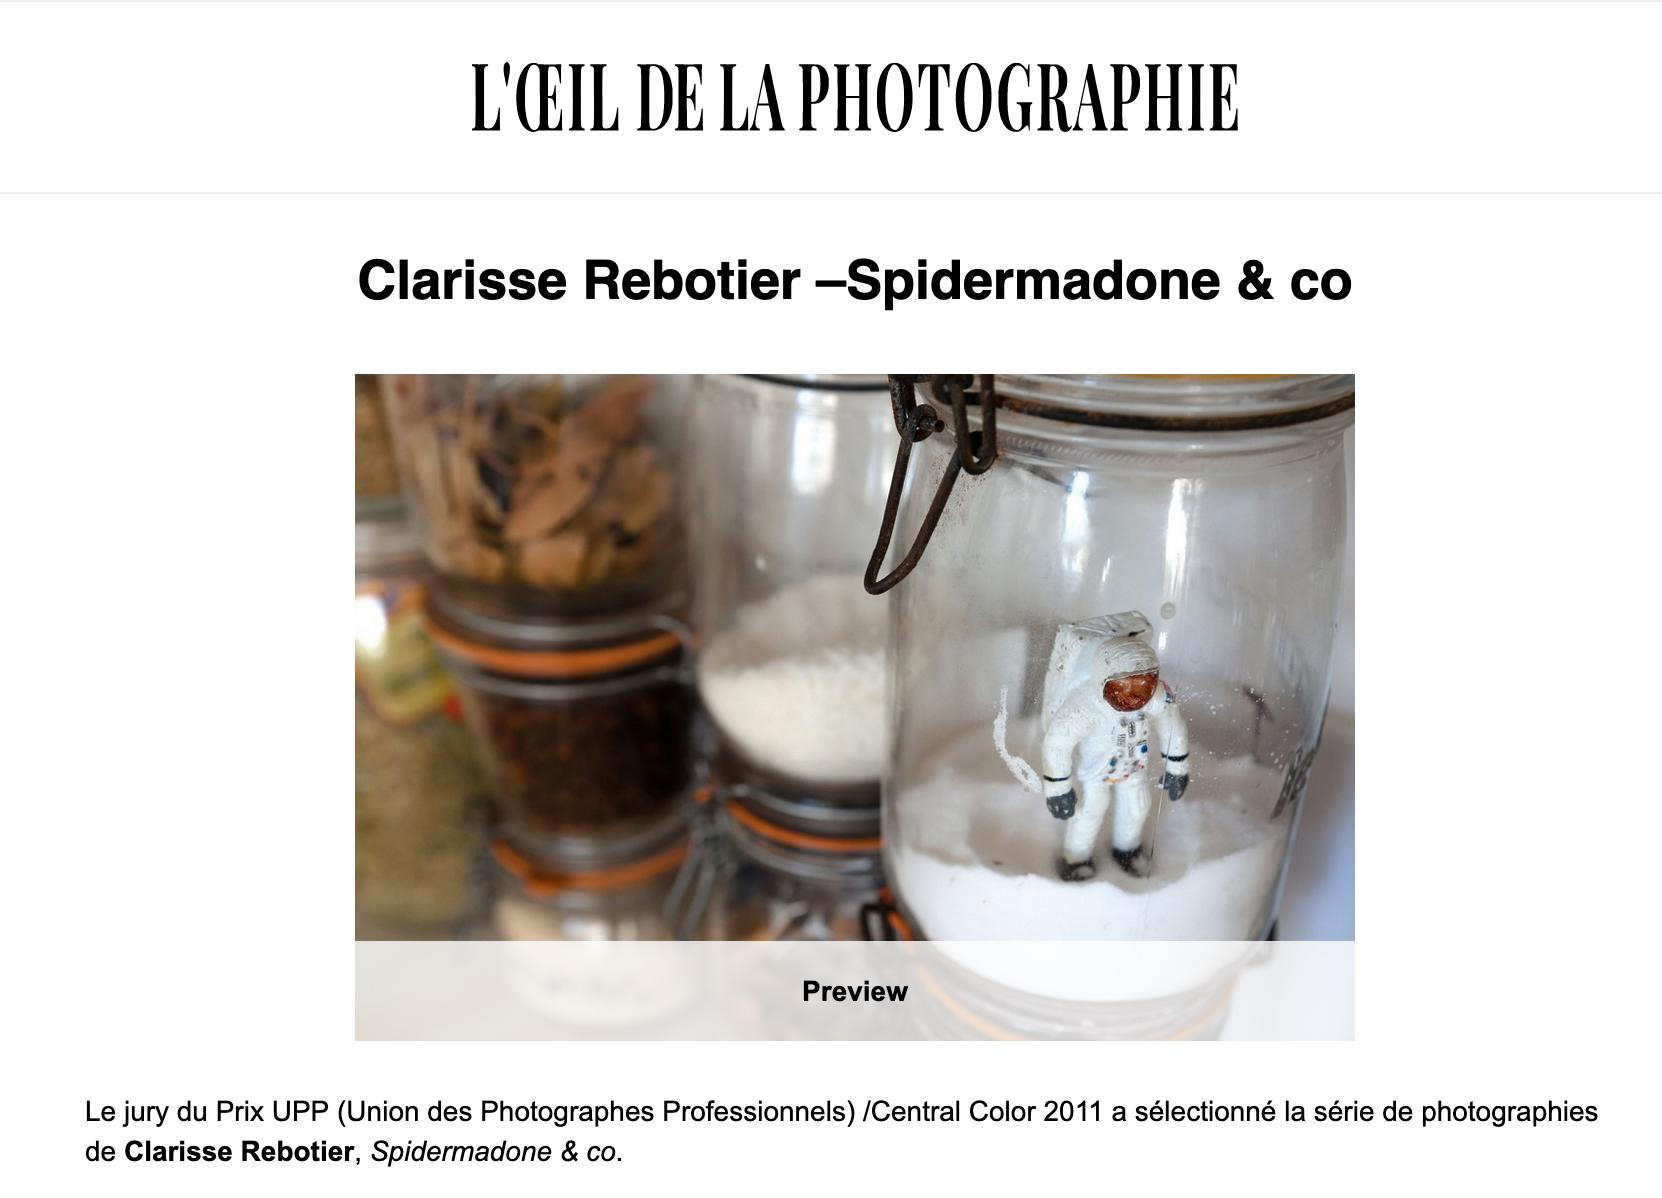 L'OEIL DE LA PHOTOGRAPHIE, oct 2011